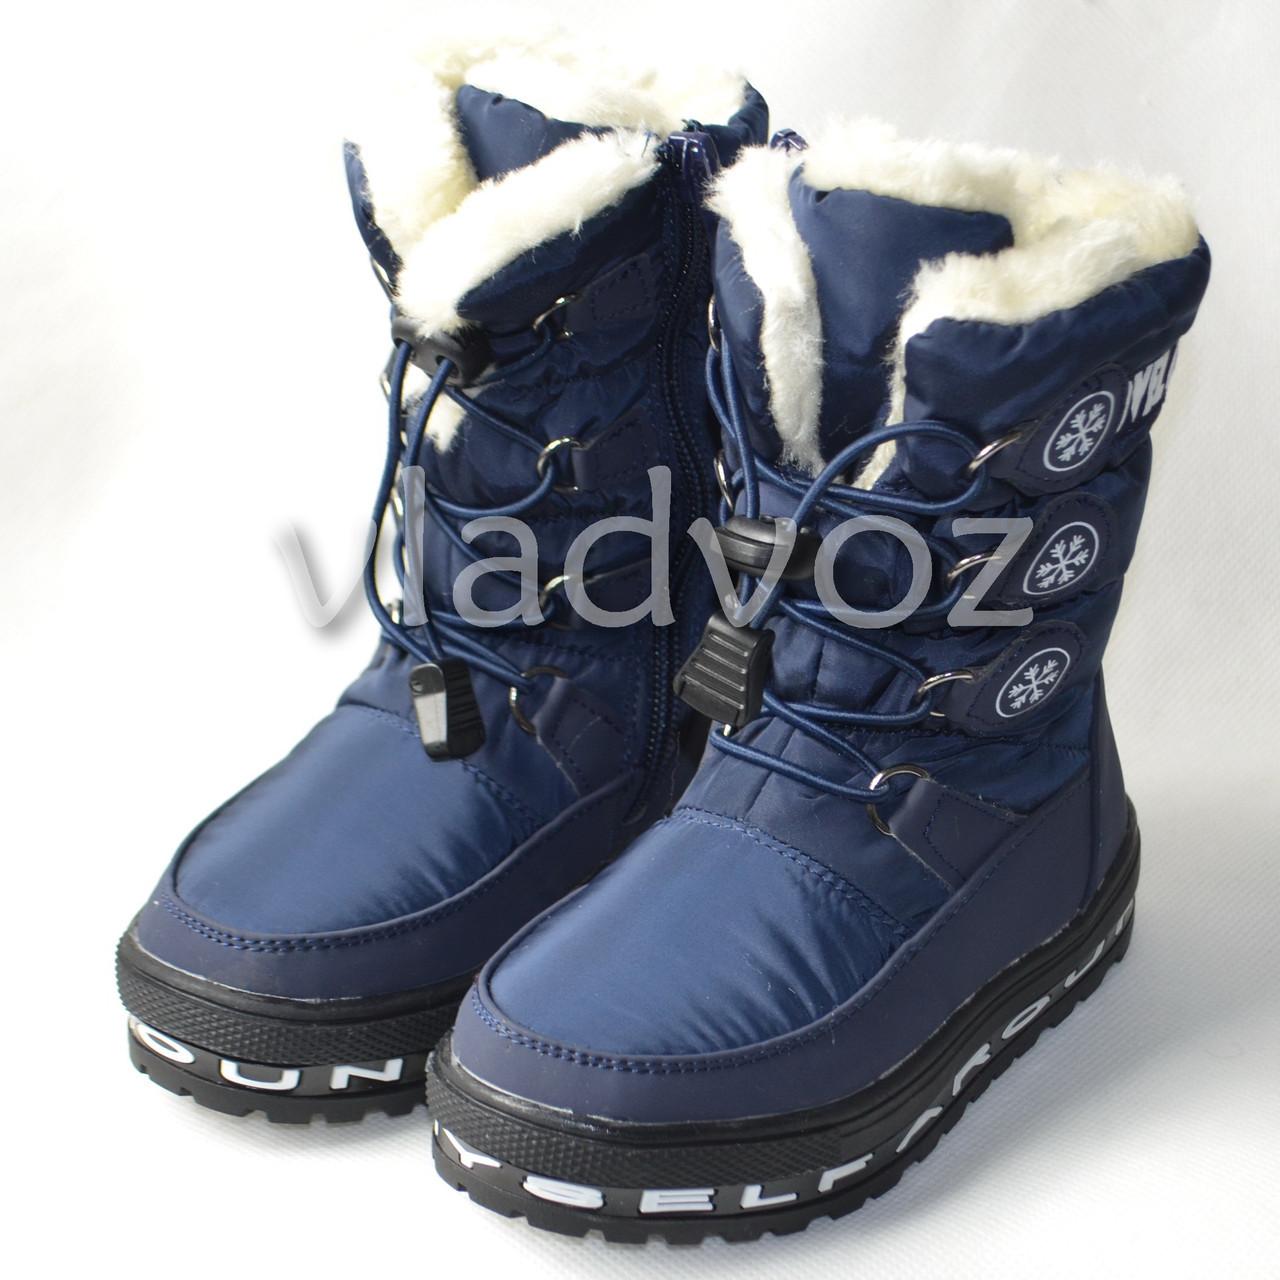 Модные дутики на зиму сапоги темно синий 27р. Jong Golf - интернет-магазин vladvozsklad мтс 0666993749, киевстар 0681044912, лайф 0932504050 в Николаевской области